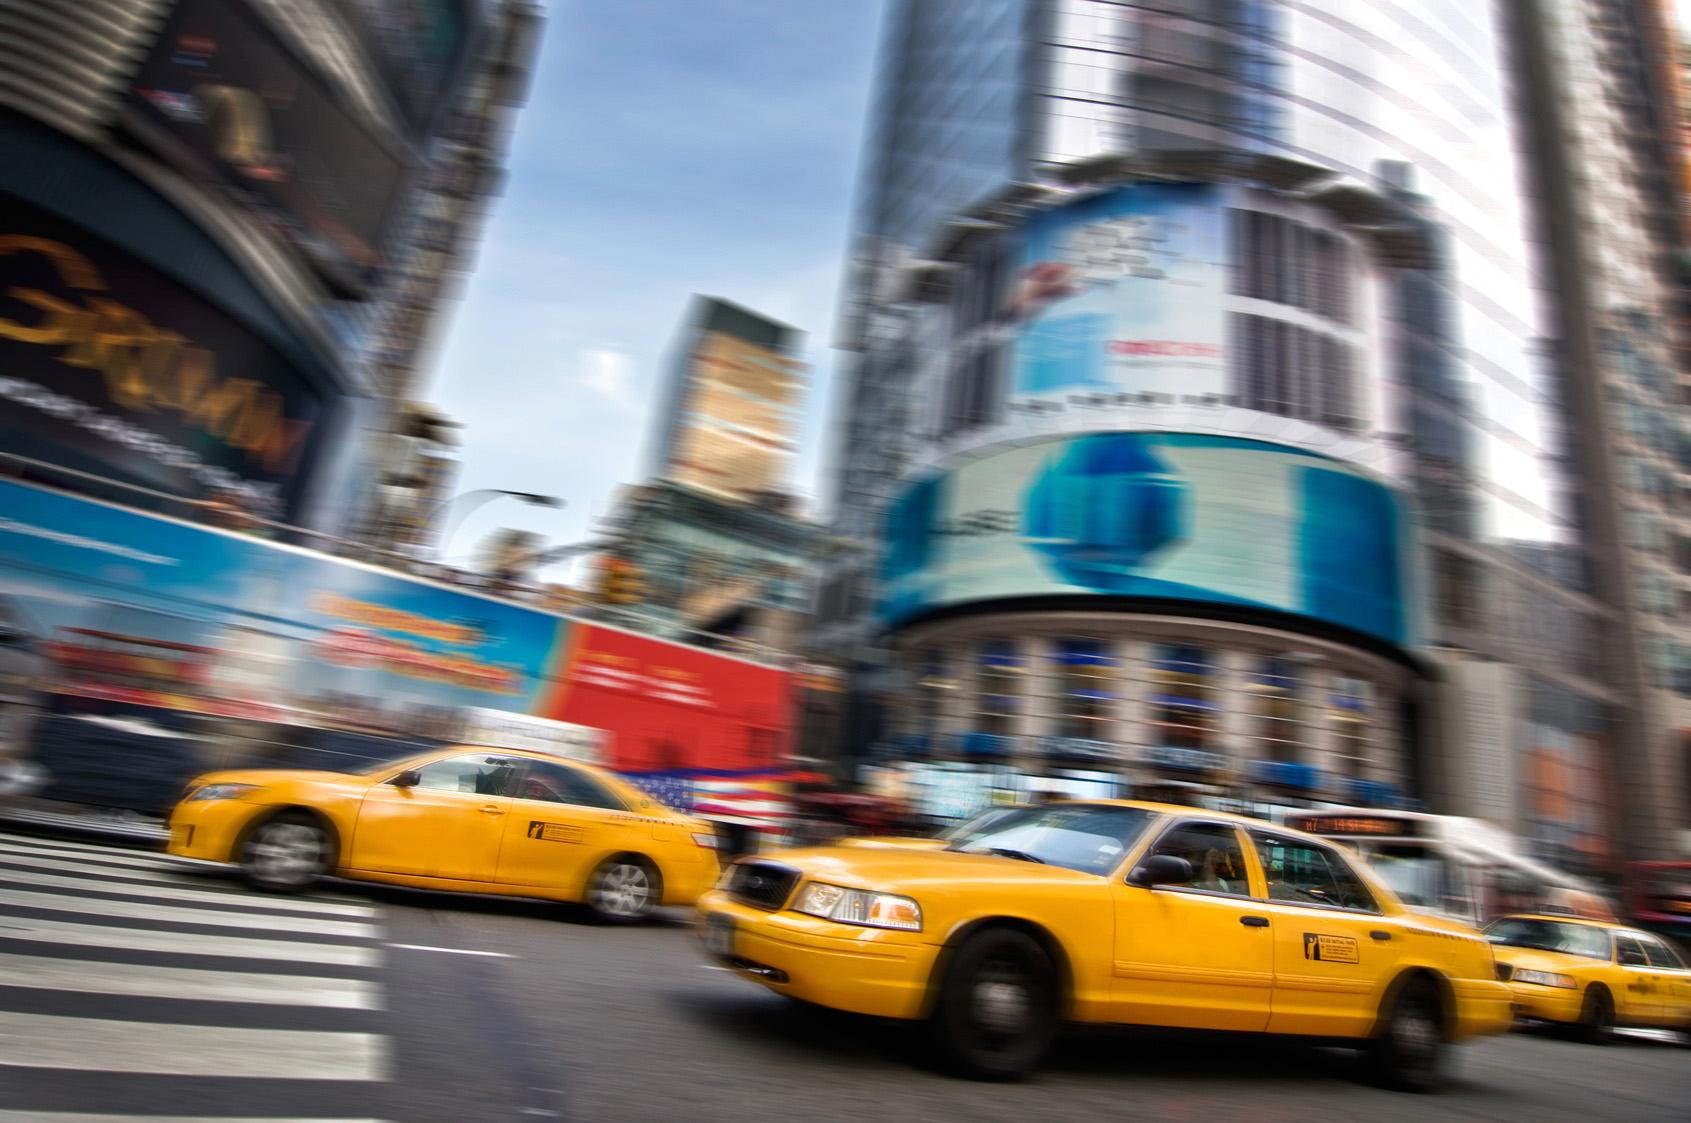 Taxis - New York, USA